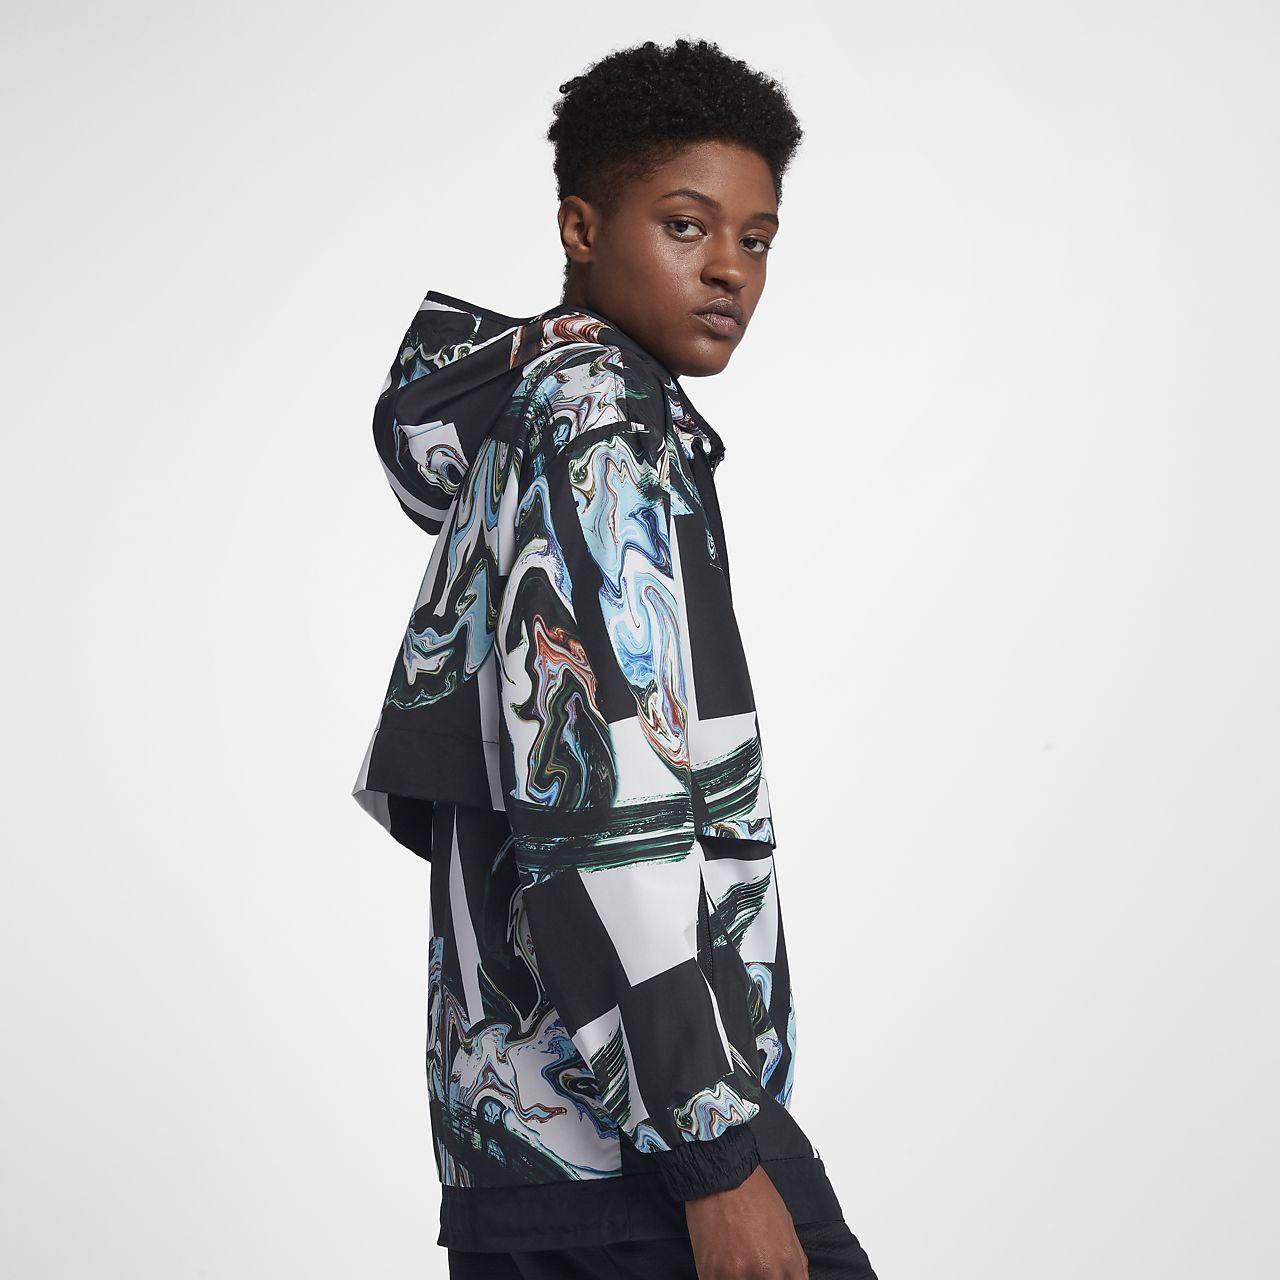 30699fbf Low Resolution Nike Sportswear Women's Printed Jacket Nike Sportswear  Women's Printed Jacket